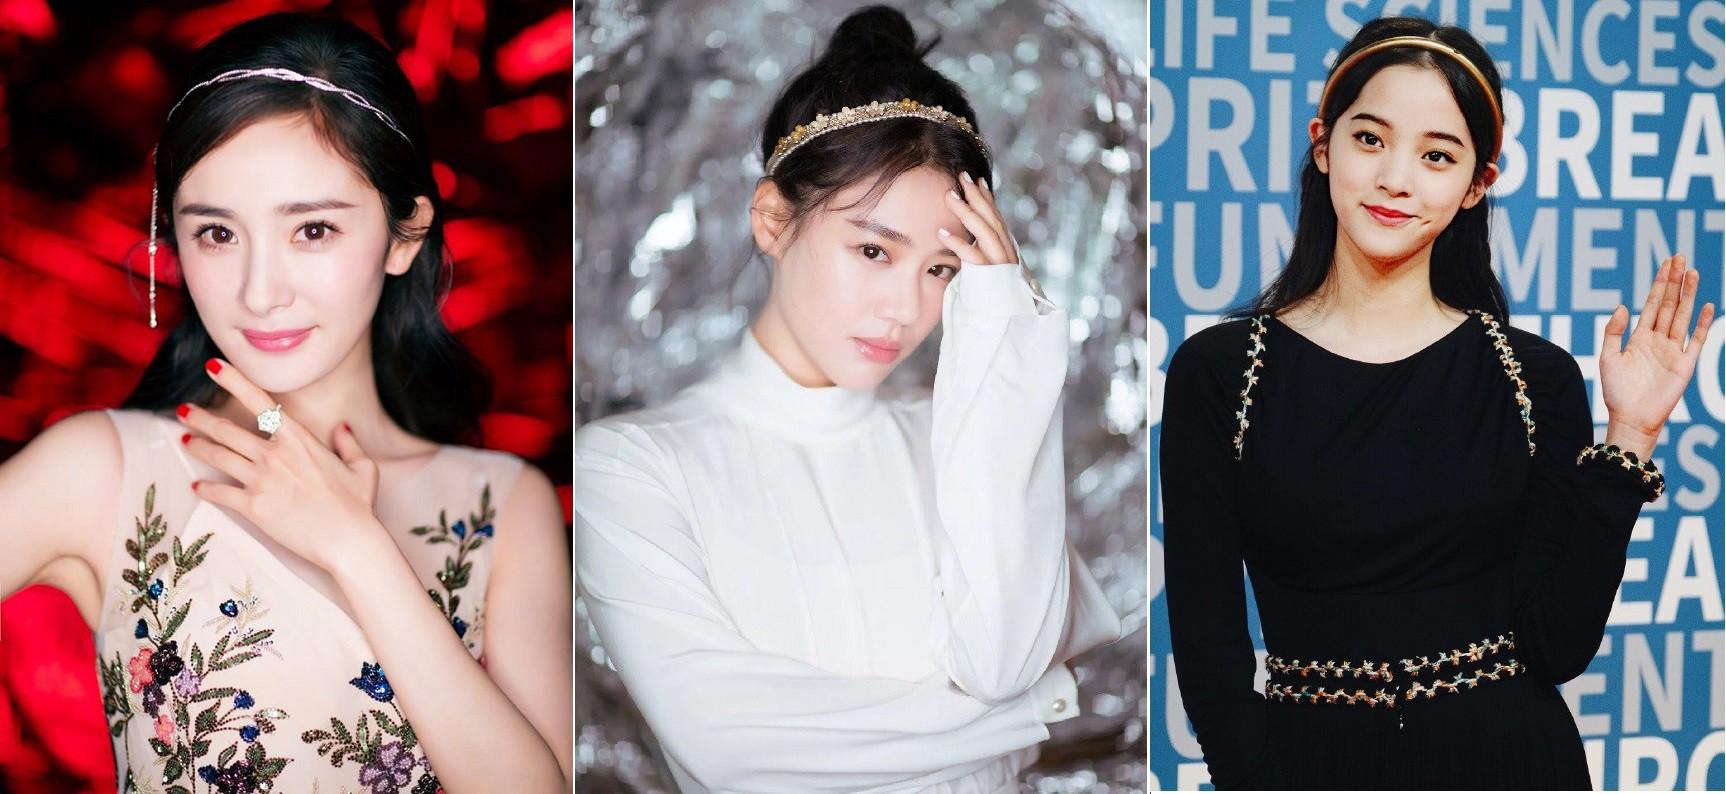 Không phải tóc dài thướt tha, 5 kiểu tóc điệu đà này mới được các sao Hoa ngữ thi nhau diện mỗi khi đi dự sự kiện - Ảnh 5.